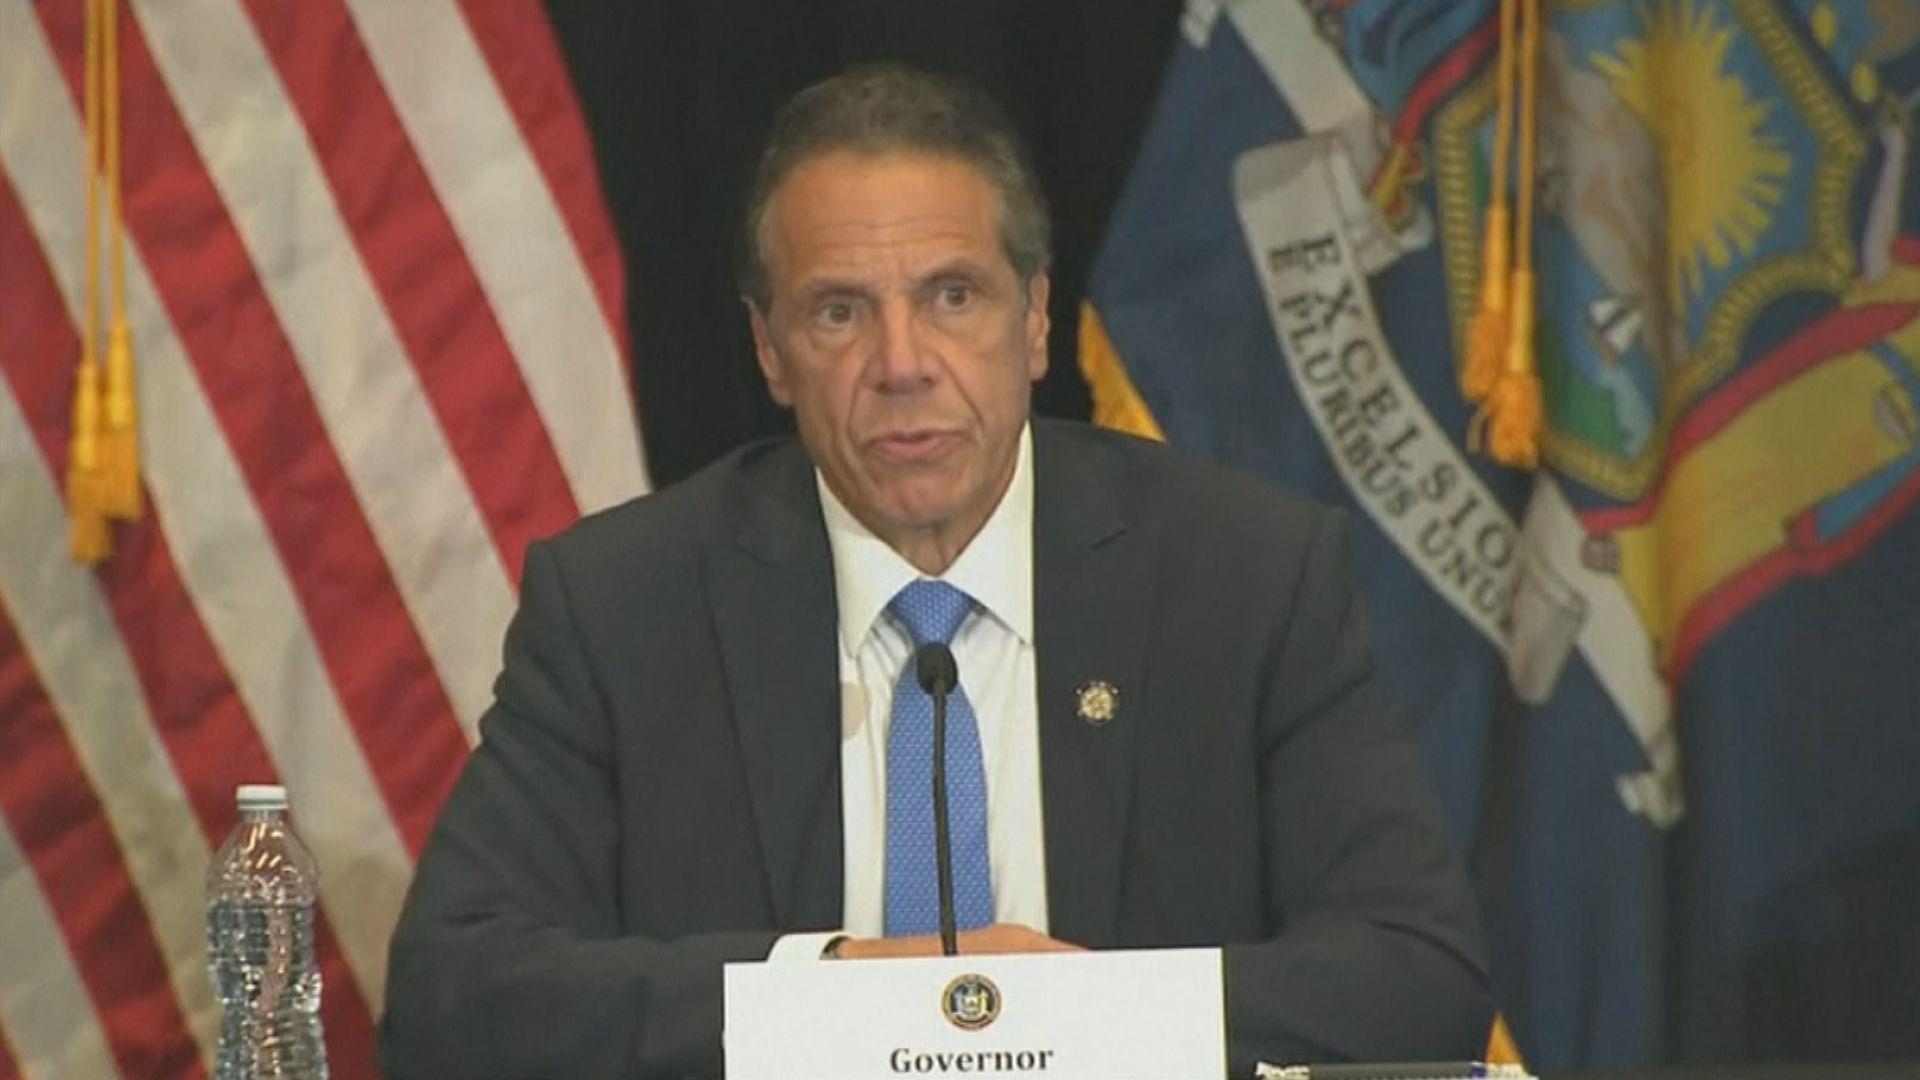 獨立調查揭曾性騷擾11名女性 紐約州州長科莫否認指控